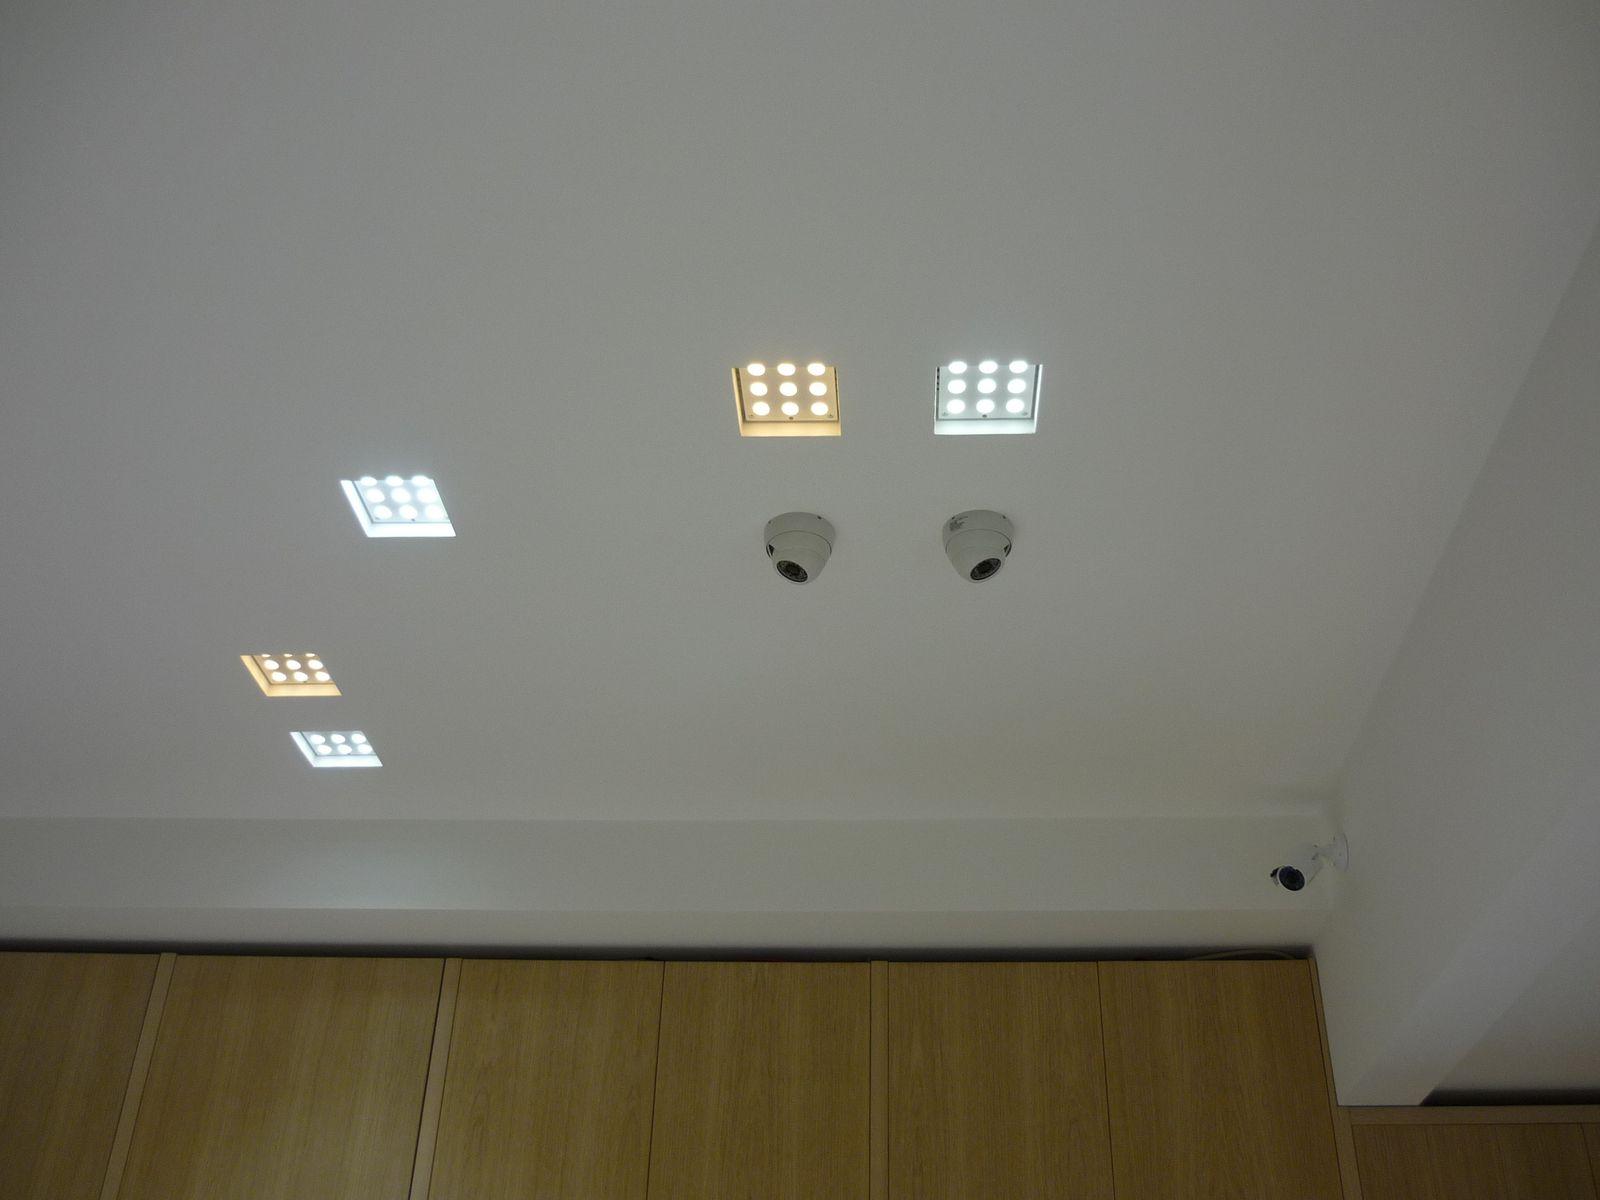 Impianto elettrico e illuminazione - Gioielleria